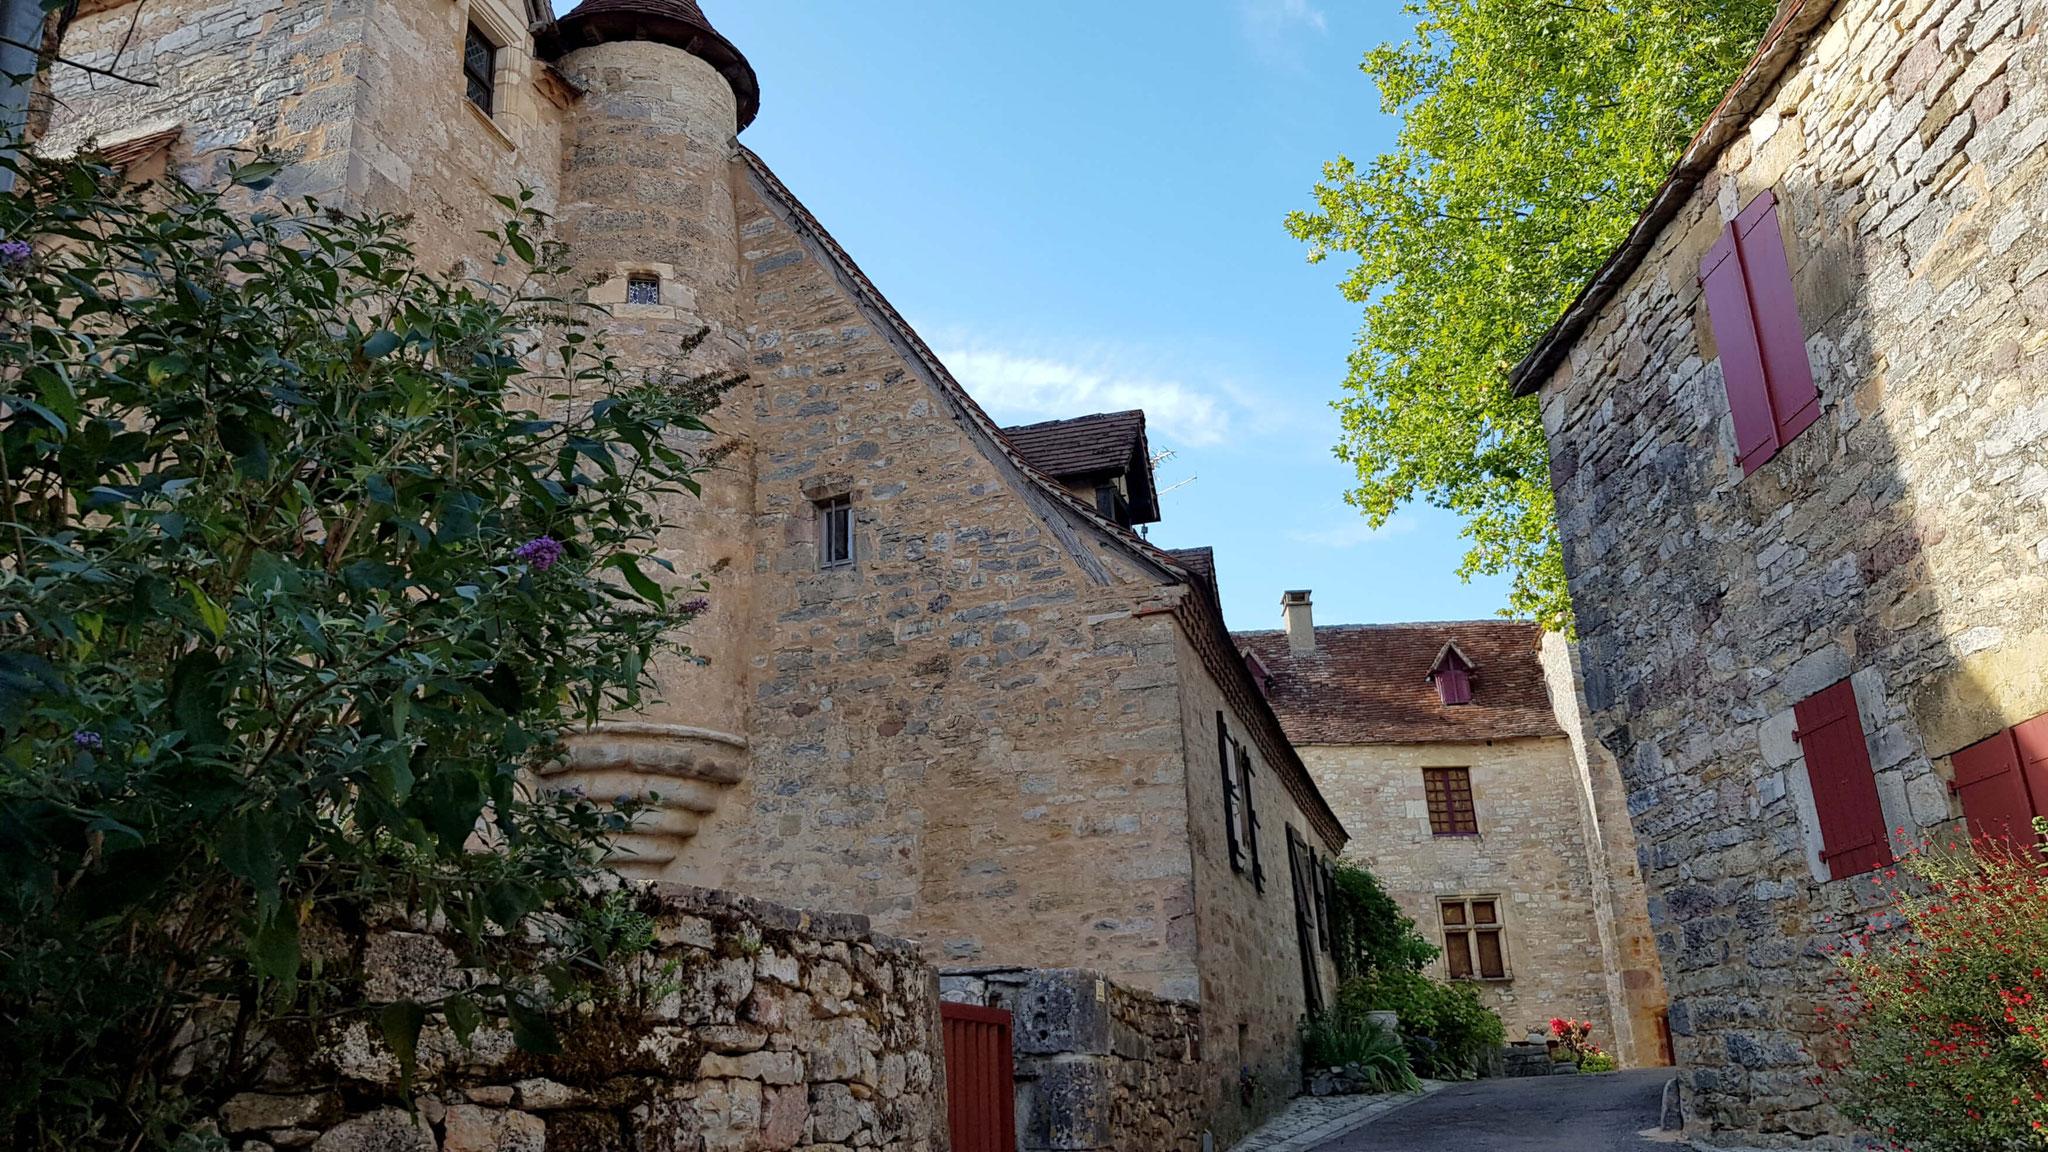 Maison à tour à Loubressac